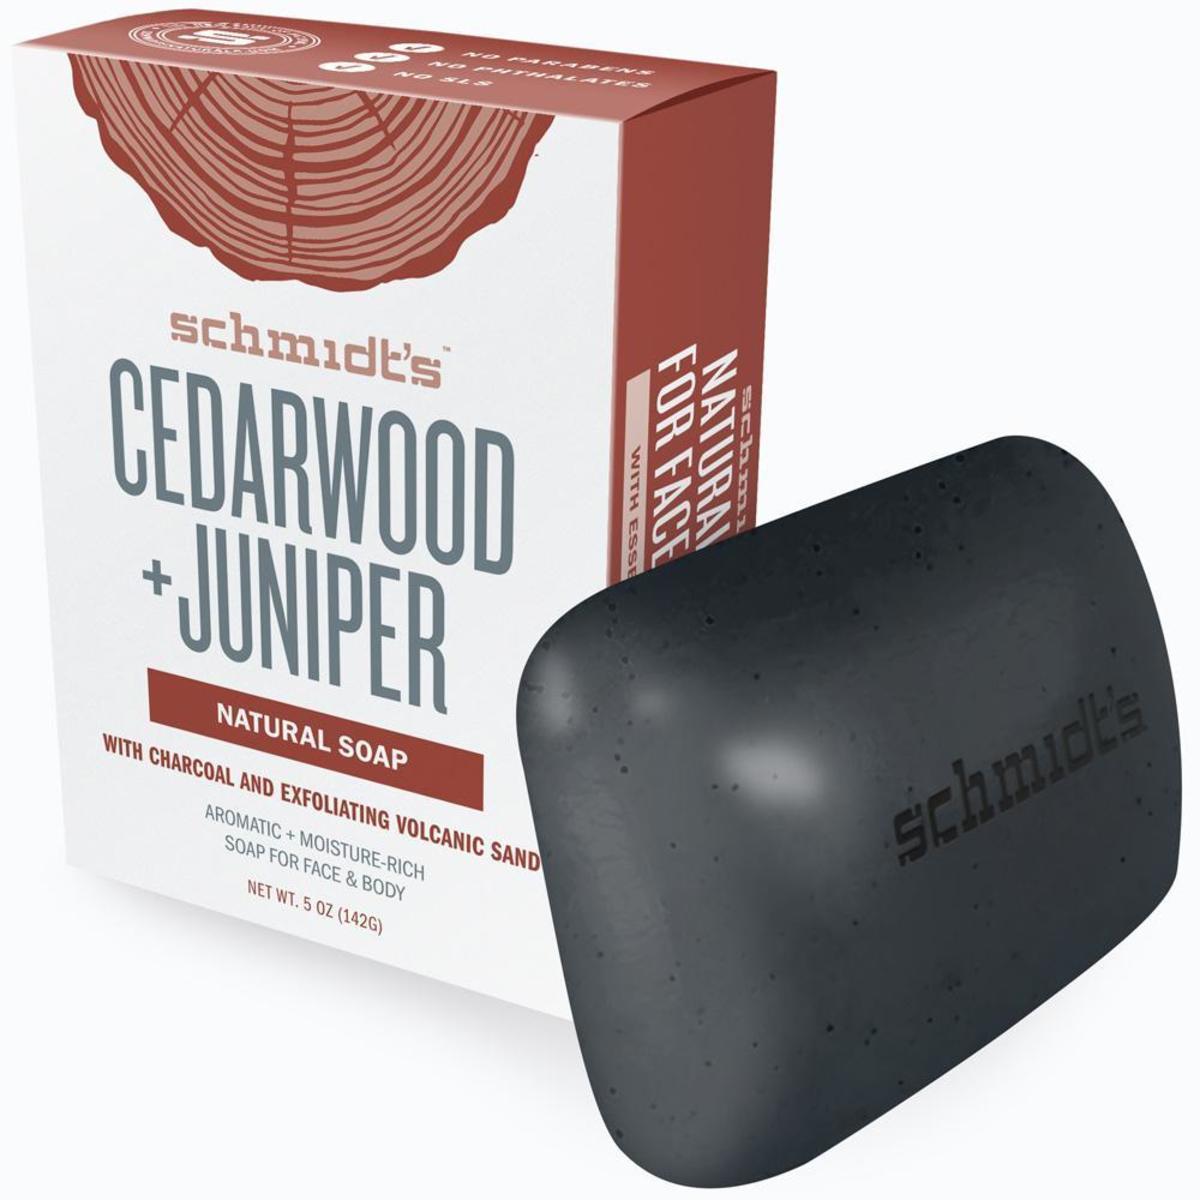 SCHMIDT'S Natural Soap- Cedarwood + Juniper  5oz (142g)(Parallel Import)